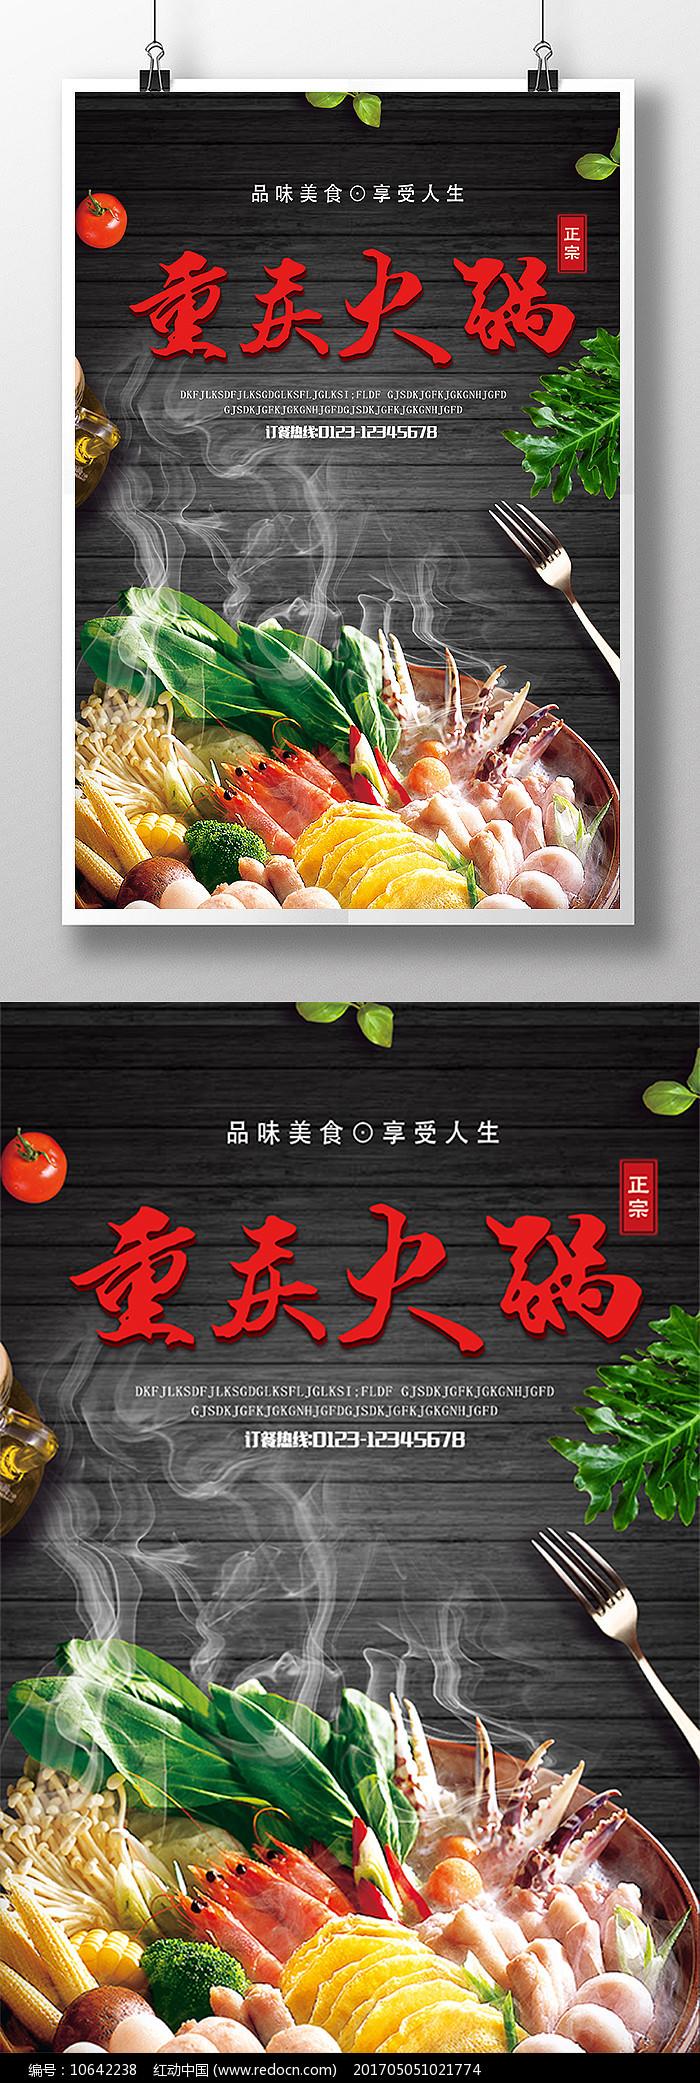 麻辣重庆火锅海报设计图片